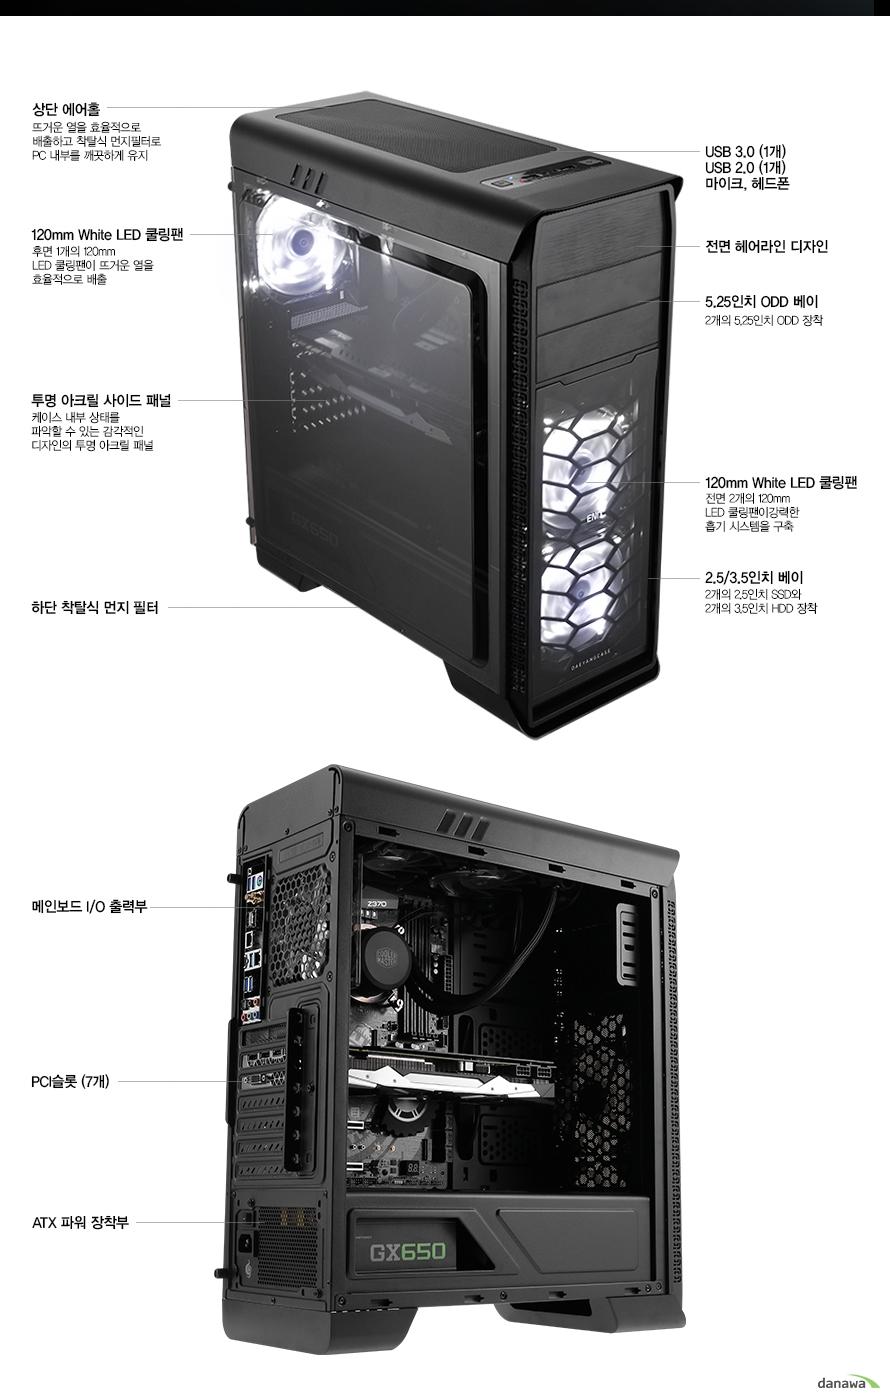 상단 에어홀뜨거운 열을 효율적으로 배출하고 착탈식 먼지필터로 PC 내부를 깨끗하게 유지120mm White LED 쿨링팬후면 1개의 120mm LED 쿨링팬이 뜨거운 열을 효율적으로 배출USB 3.0 (1개)USB 2.0 (1개)마이크, 헤드폰전면 헤어라인 디자인측면 투명 아크릴 패널케이스 내부 상태를 파악할 수 있는 감각적인 디자인의 투명 아크릴 패널하단 착탈식 먼지 필터전면 2개의 120mm LED 쿨링팬이강력한 흡기 시스템을 구축(기본 장착) 2.5/3.5인치 베이2개의 2.5인치 SSD와2개의 3.5인치 HDD 장착메인보드 I/O 출력부PCI 슬롯 (7개)ATX 파워 장착부